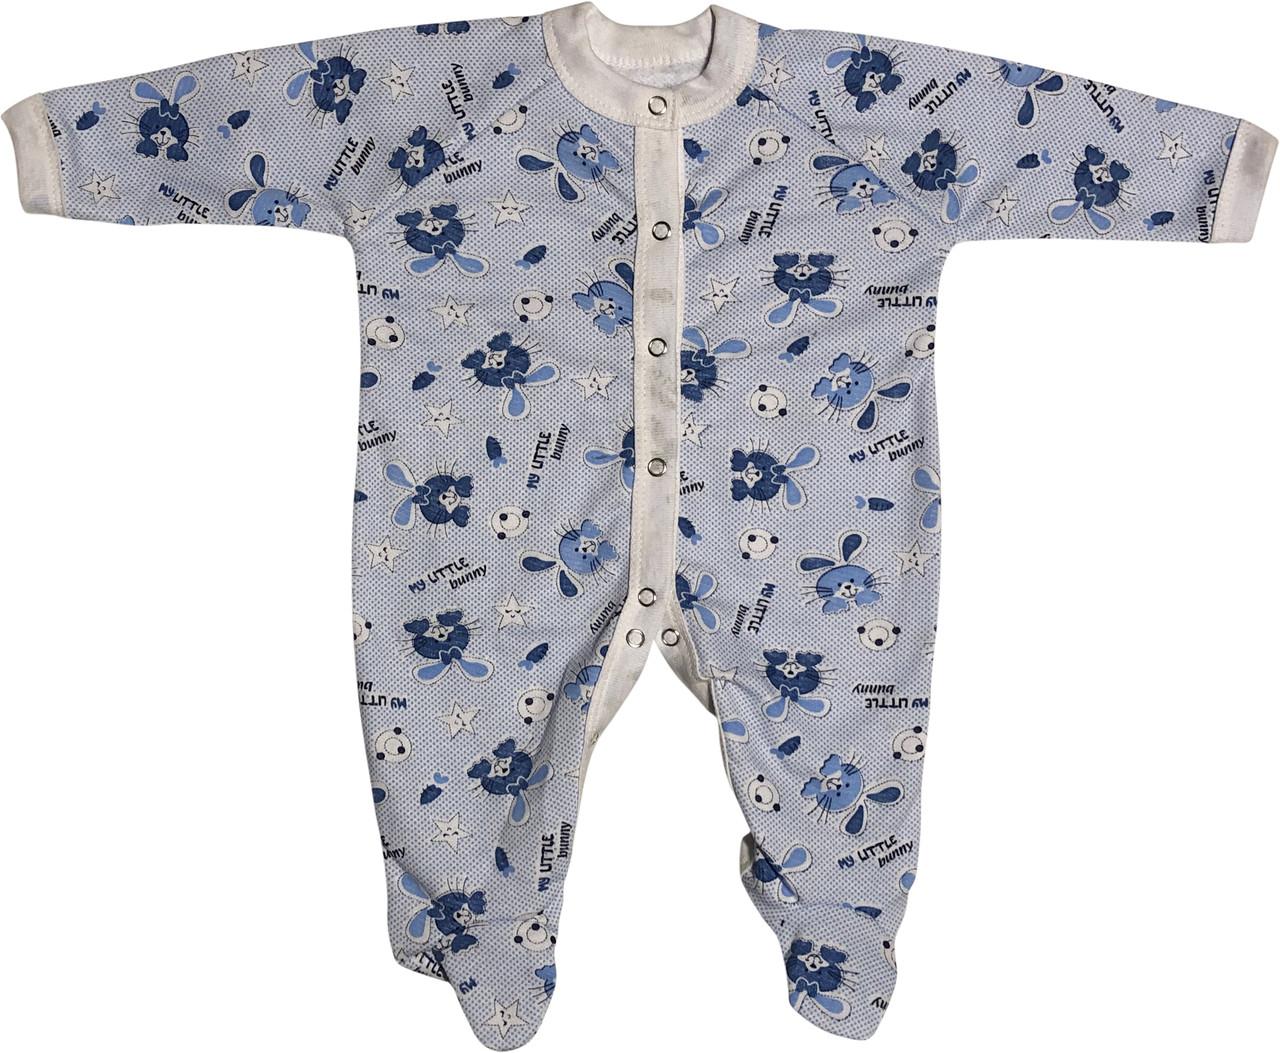 Теплий чоловічок з начосом на хлопчика ріст 68 3-6 міс для новонароджених сліп бавовняний футер блакитний